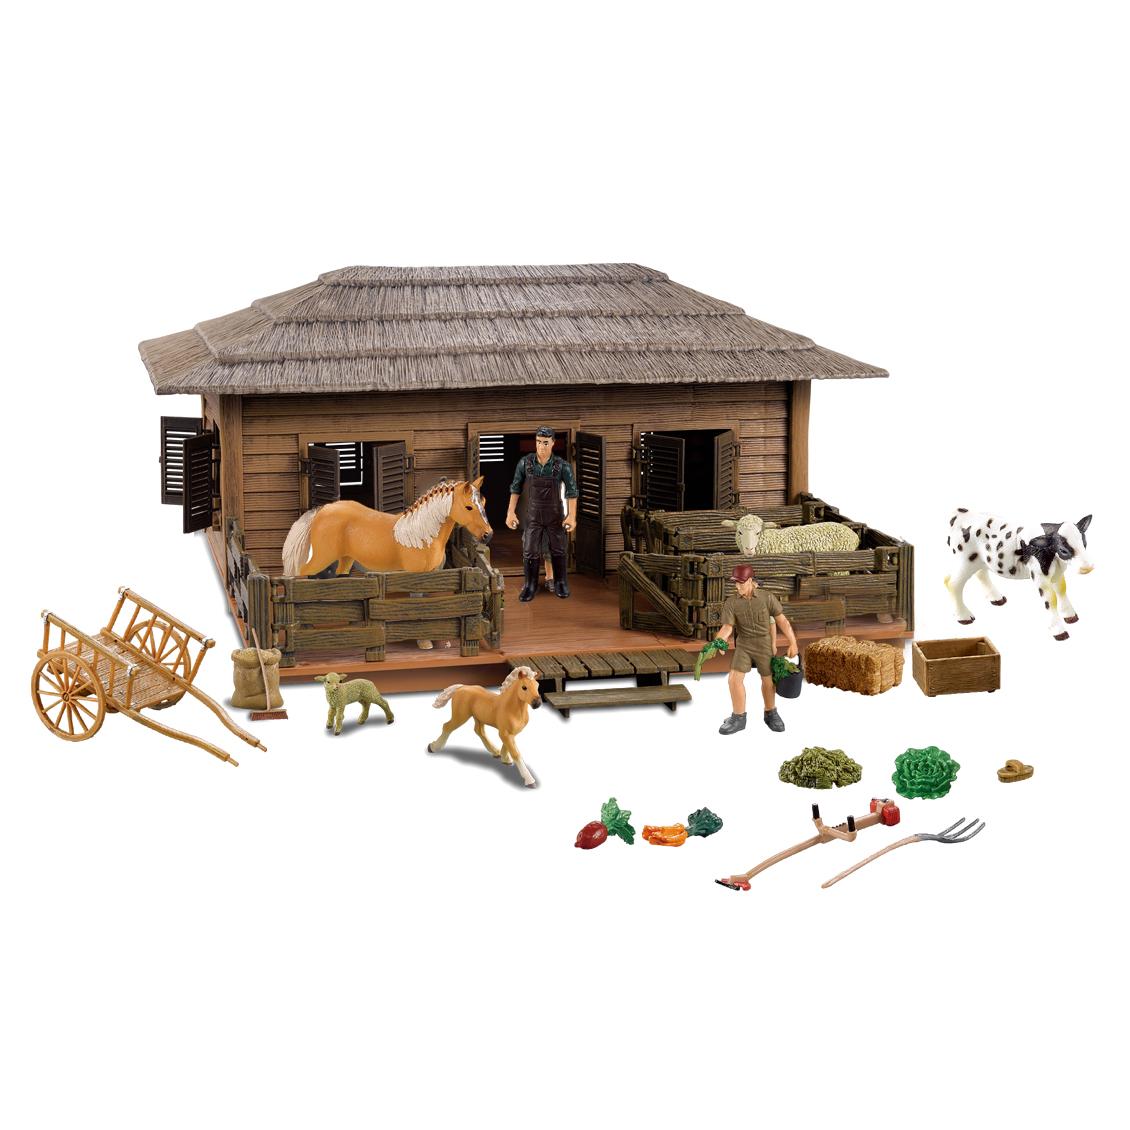 Stáj velký dům pro koně a ovce s příslušenstvím a chovateli